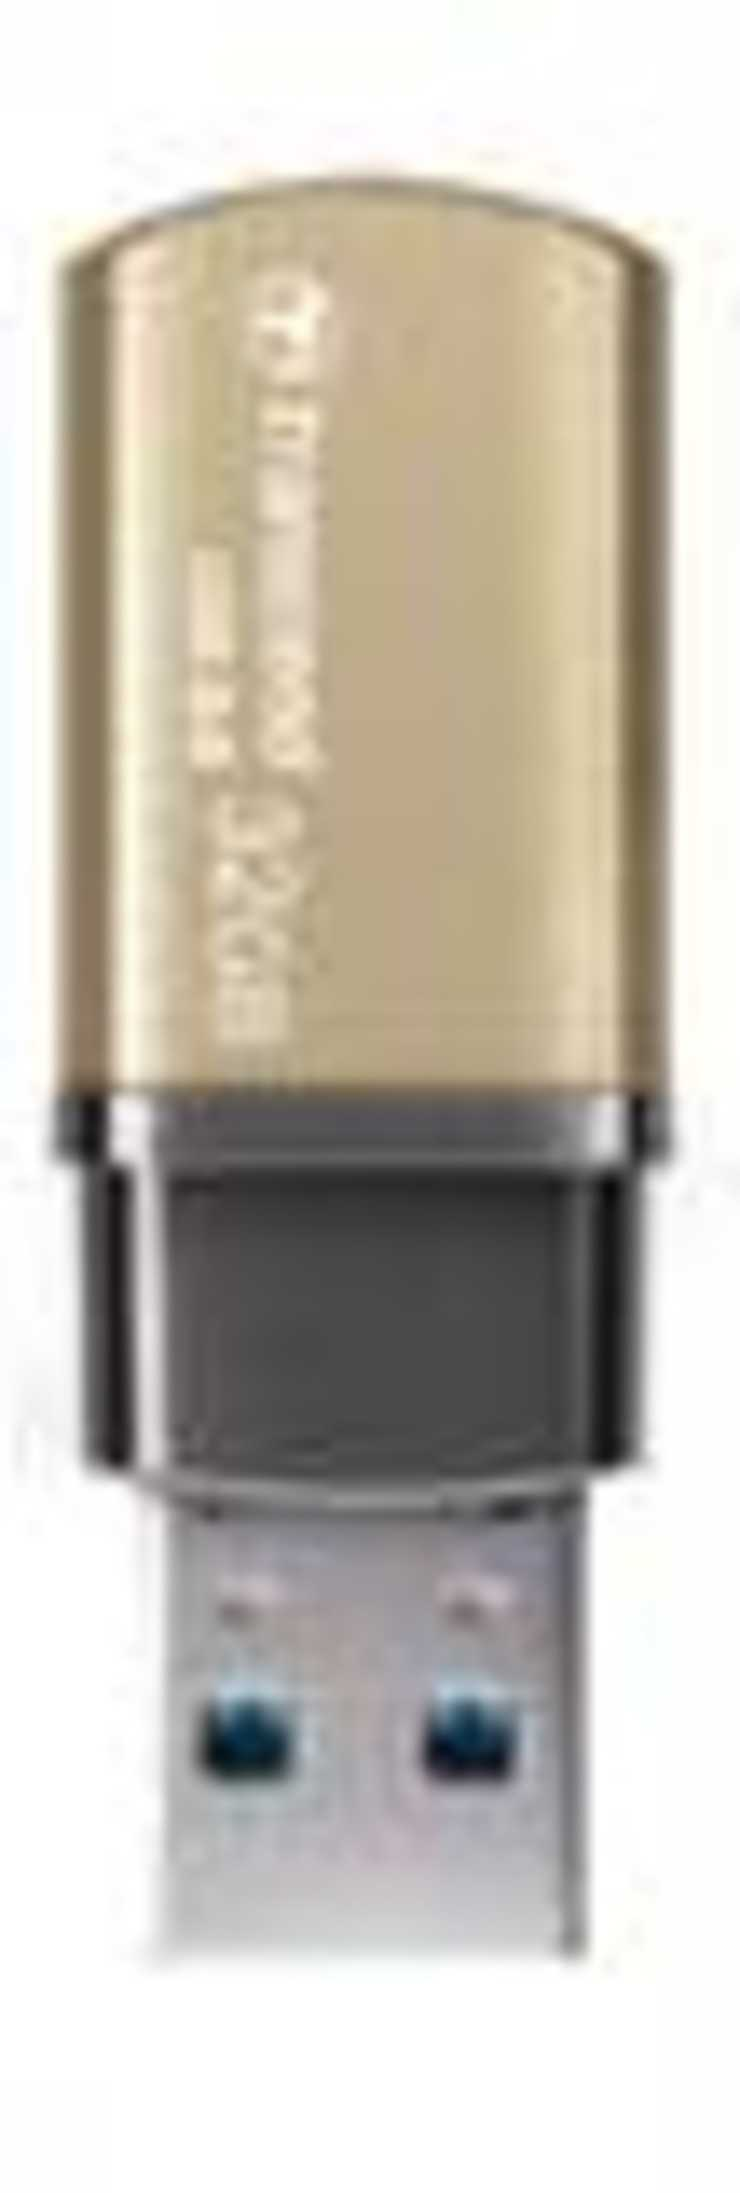 CLE USB 32GO SERIE 820 GOLD USB 3.0 ts32gjf820g3